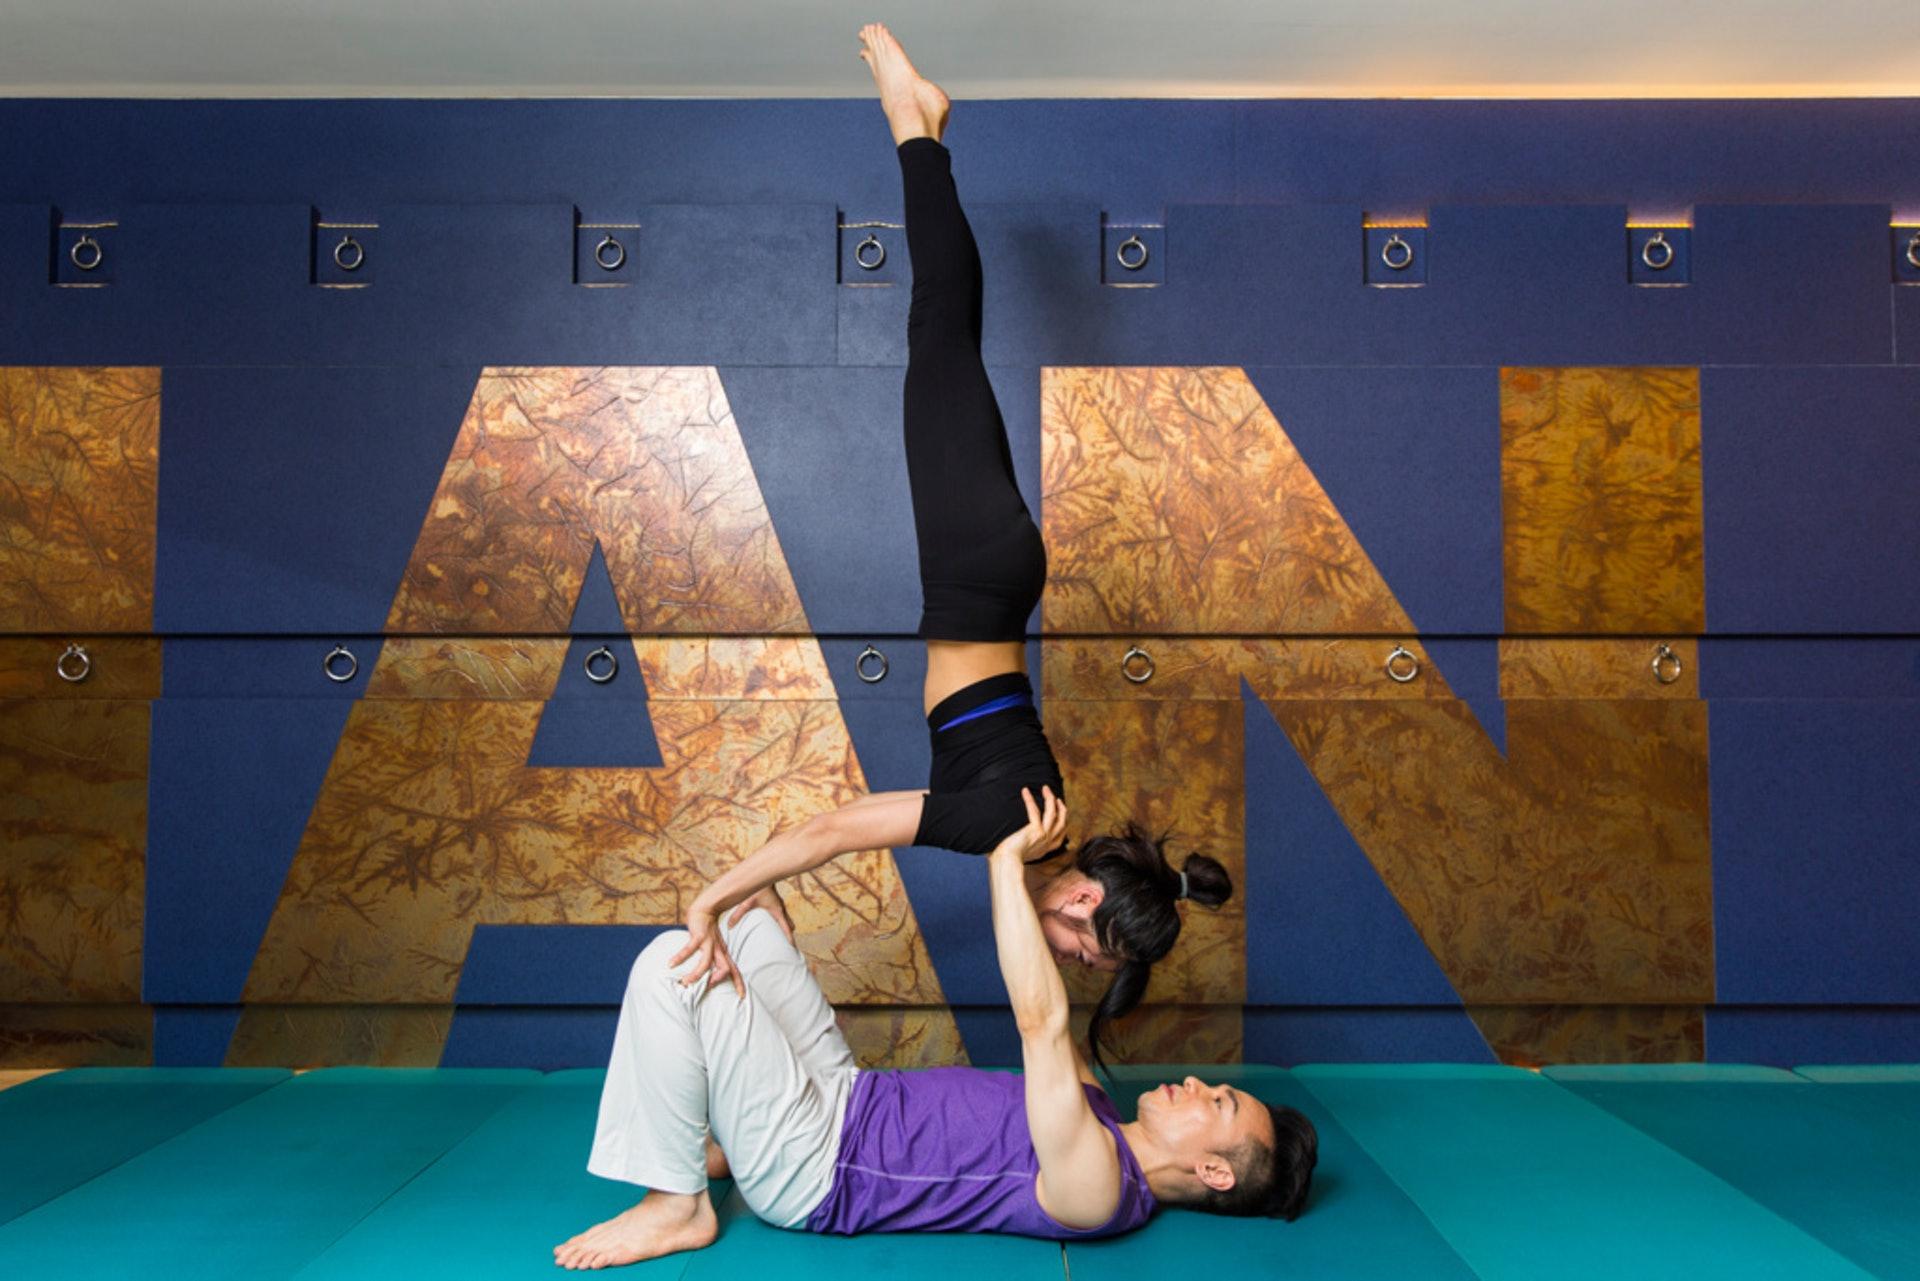 雙人瑜珈講求信任和配合,也是情侶增進感情的一種方法。但圖為高難度動作,要有導師指導才做呀!(圖下:香港瑜珈協會主席劉泓汛)